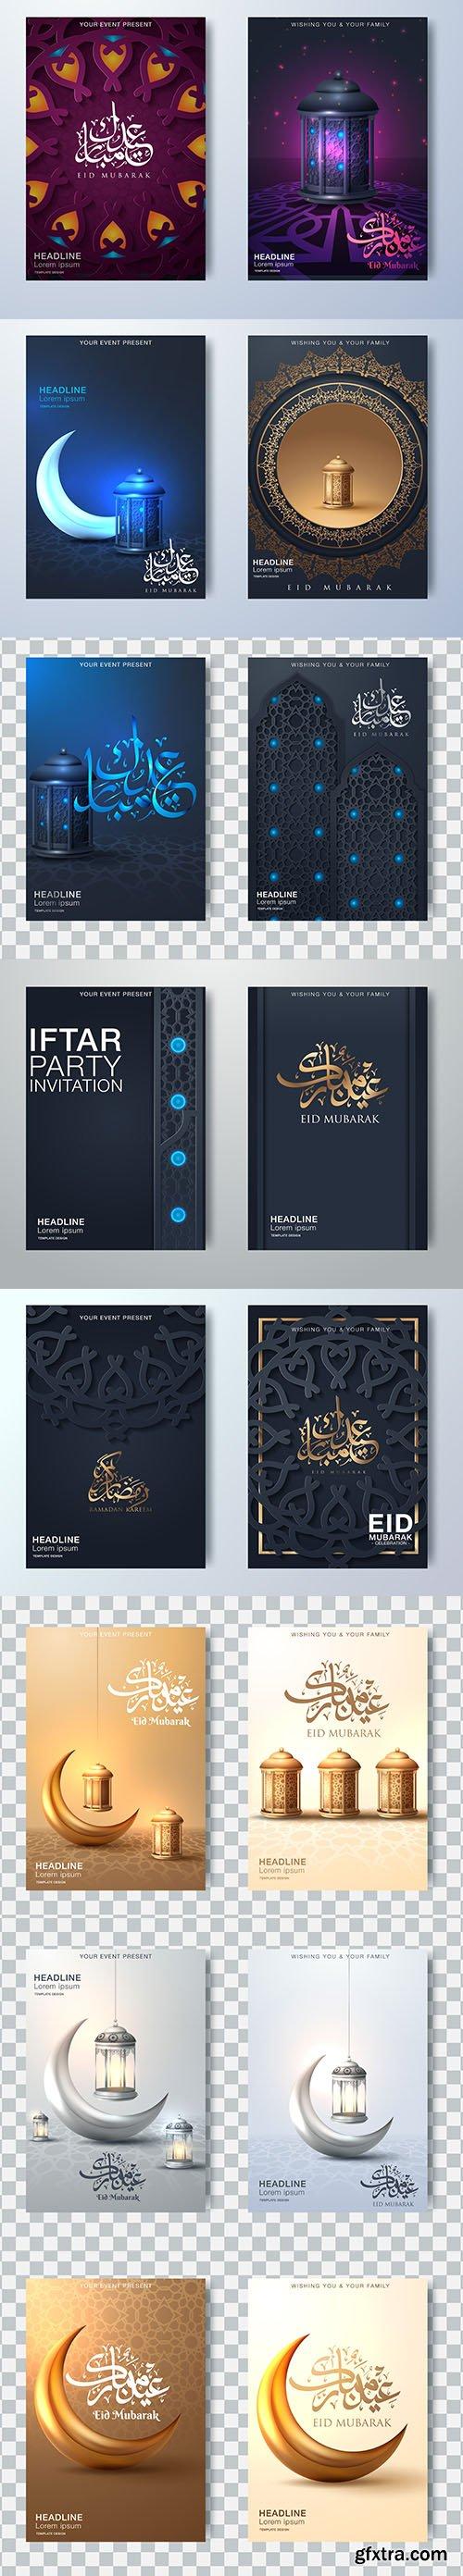 Elegant Ramadan Kareem Islamic Design Illustration Set Vol 2